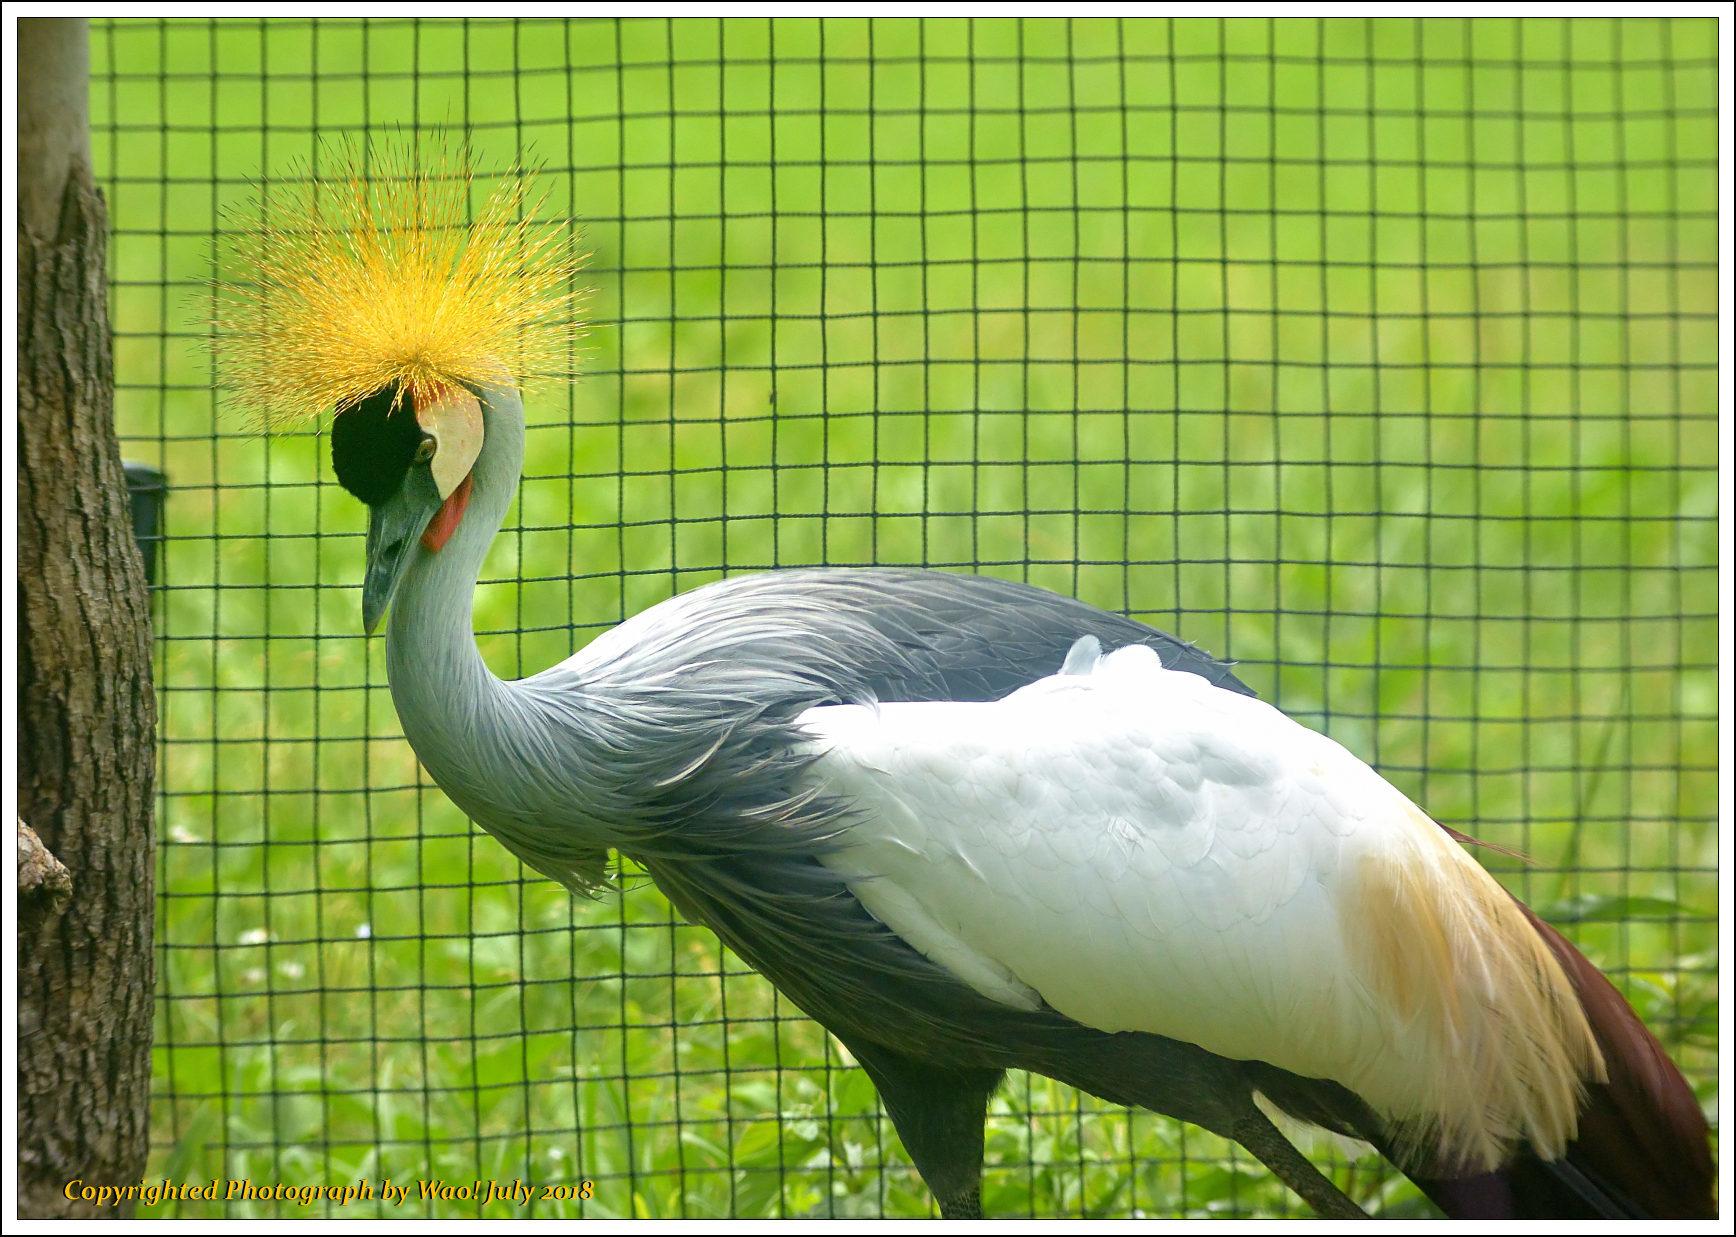 ホオジロカンムリヅル 野鳥園_c0198669_17234882.jpg